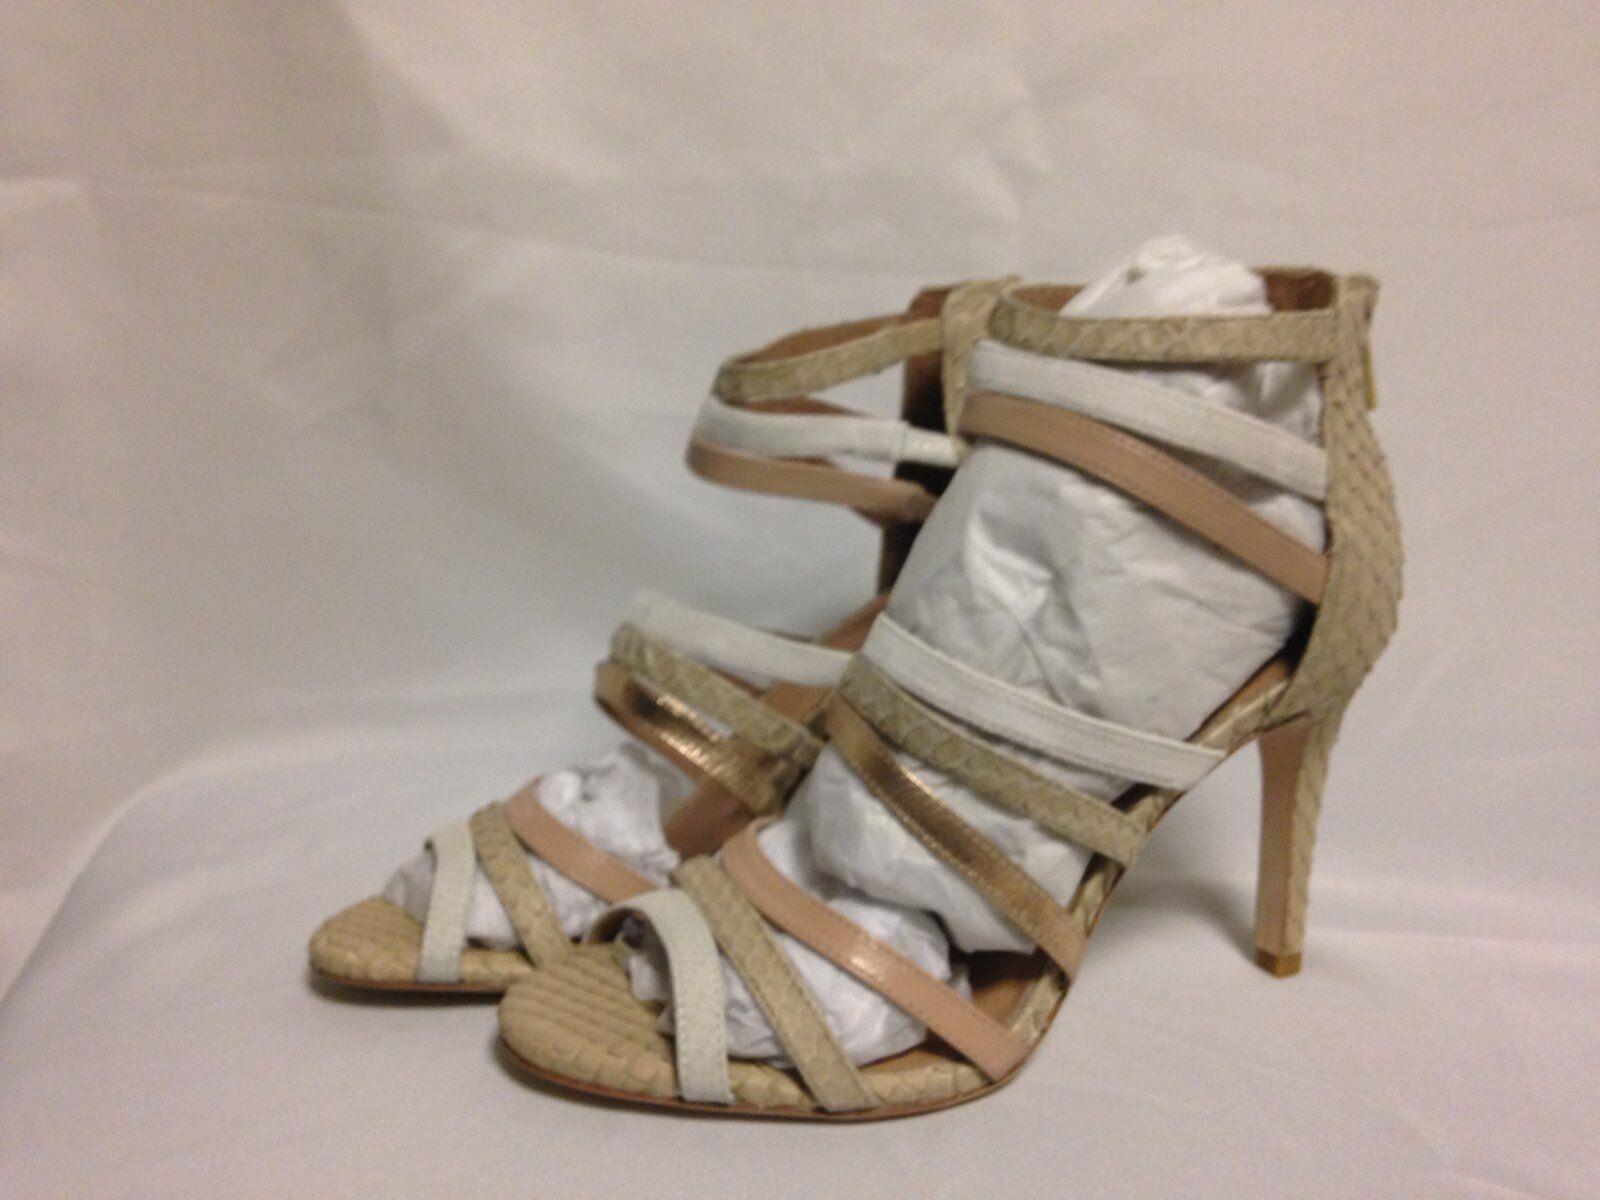 Joie Zee hög klack Strappy Sandal 37 7M Nude Multi läder Ny med ask